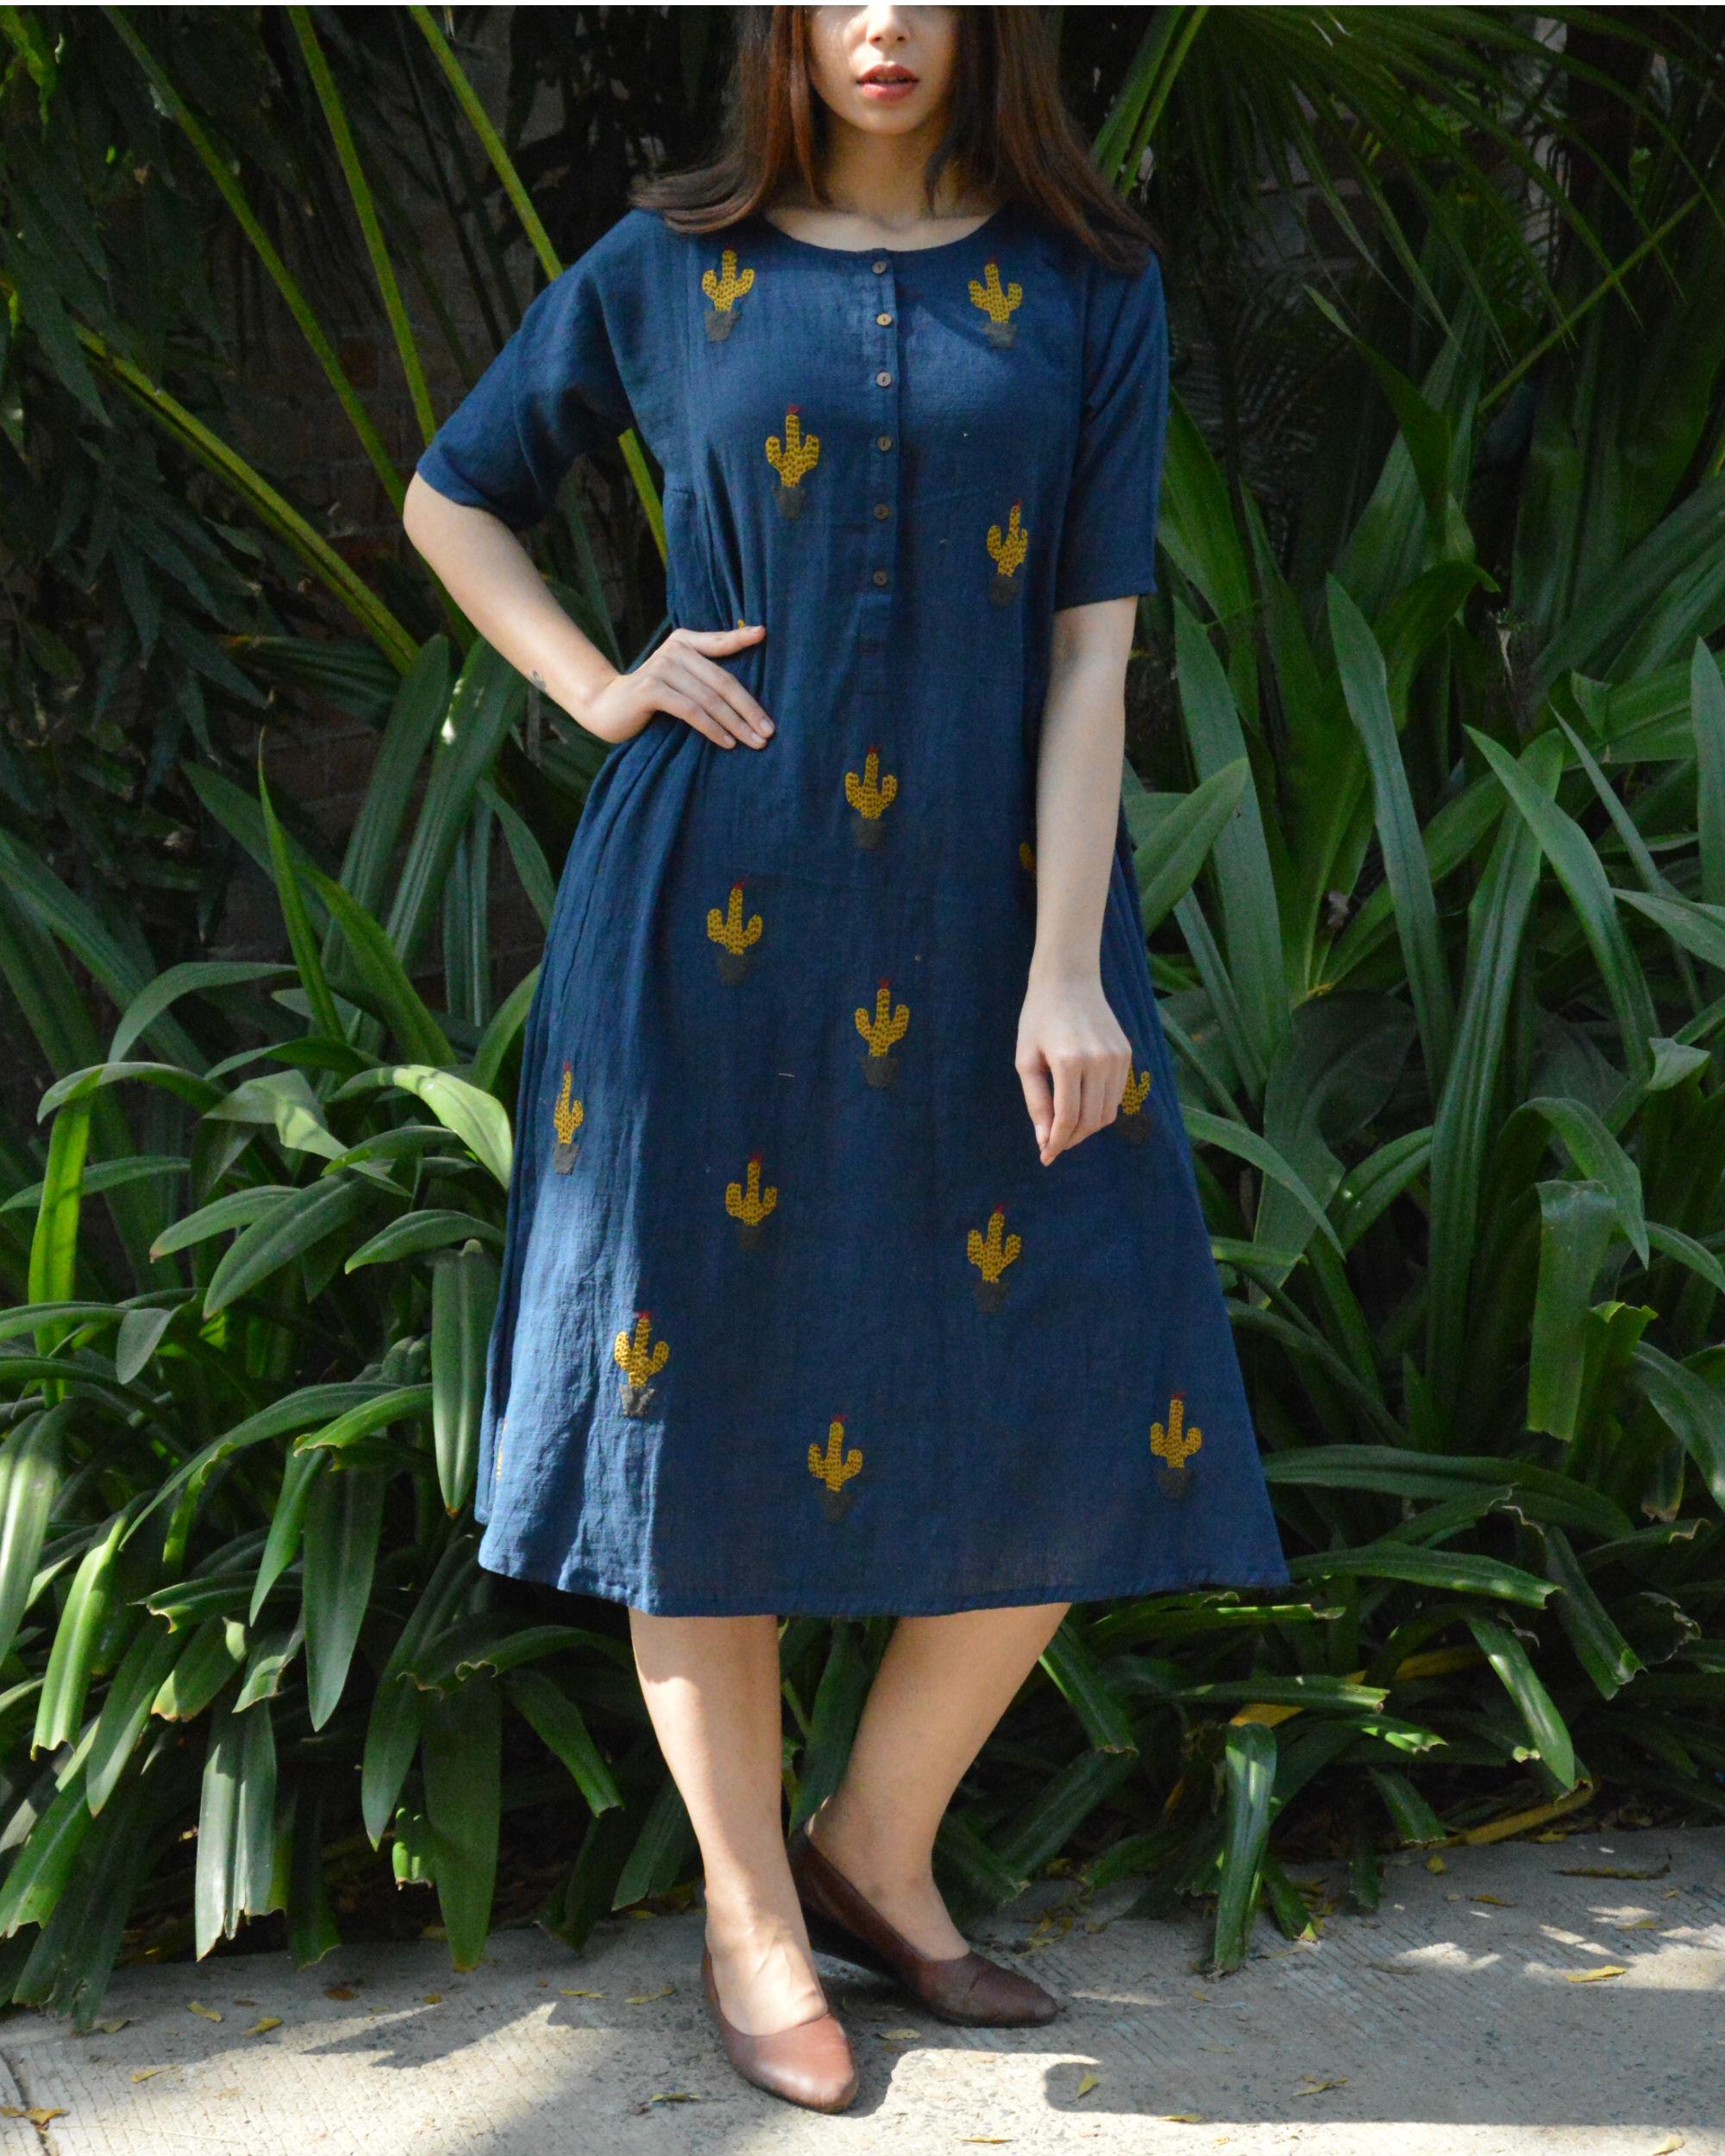 Indigo cactus applique dress